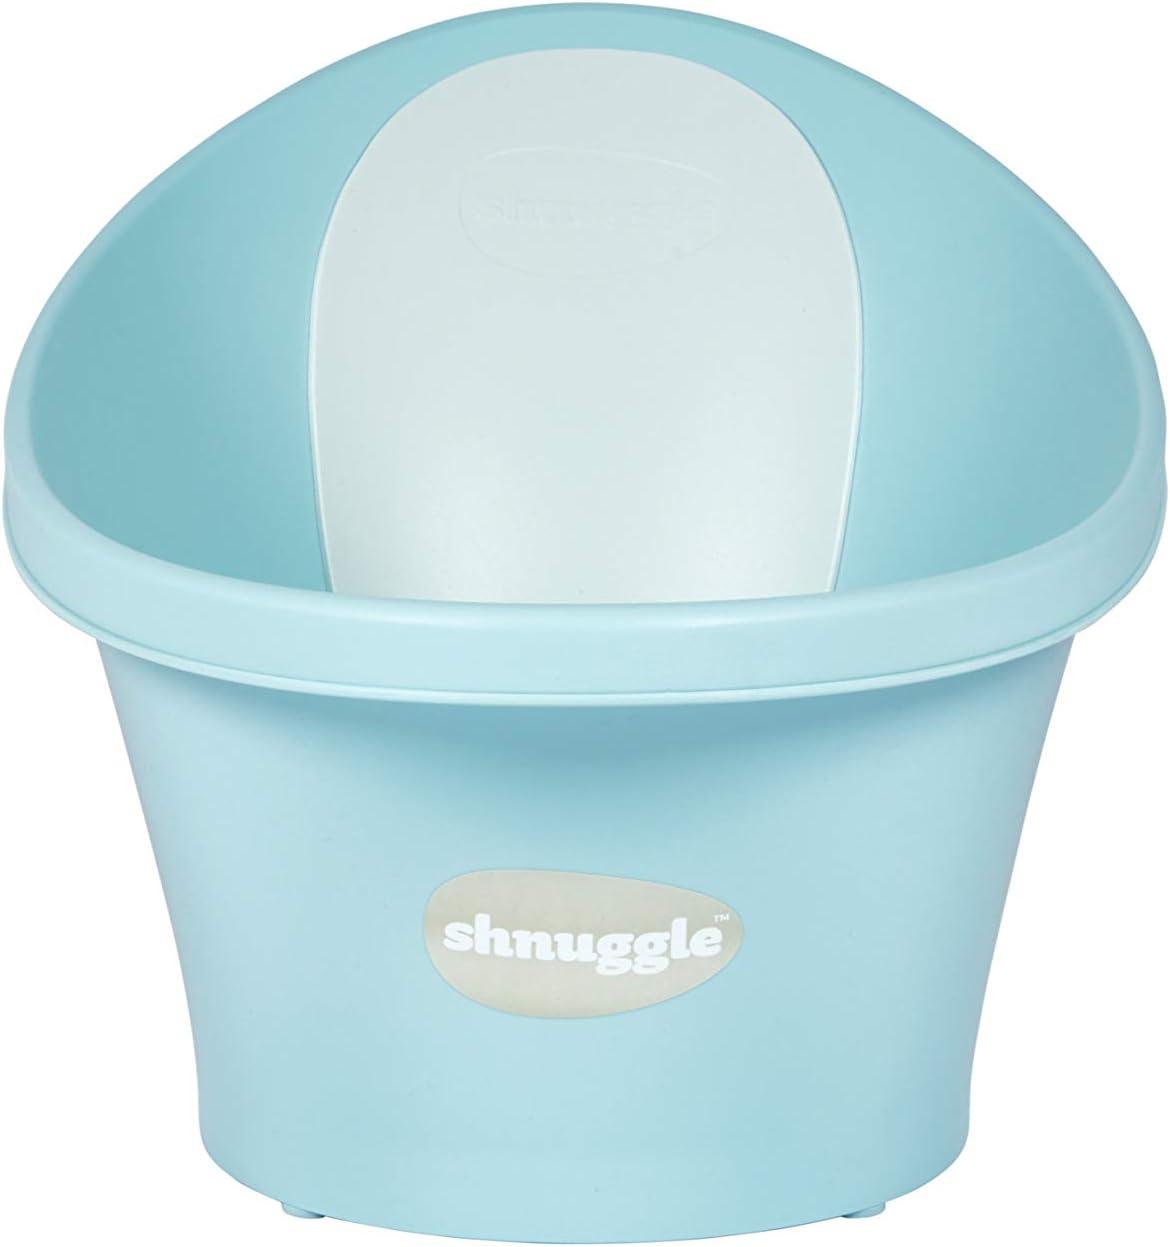 Shnuggle Vaschetta per bagnetto Azzurra con schienale bianco